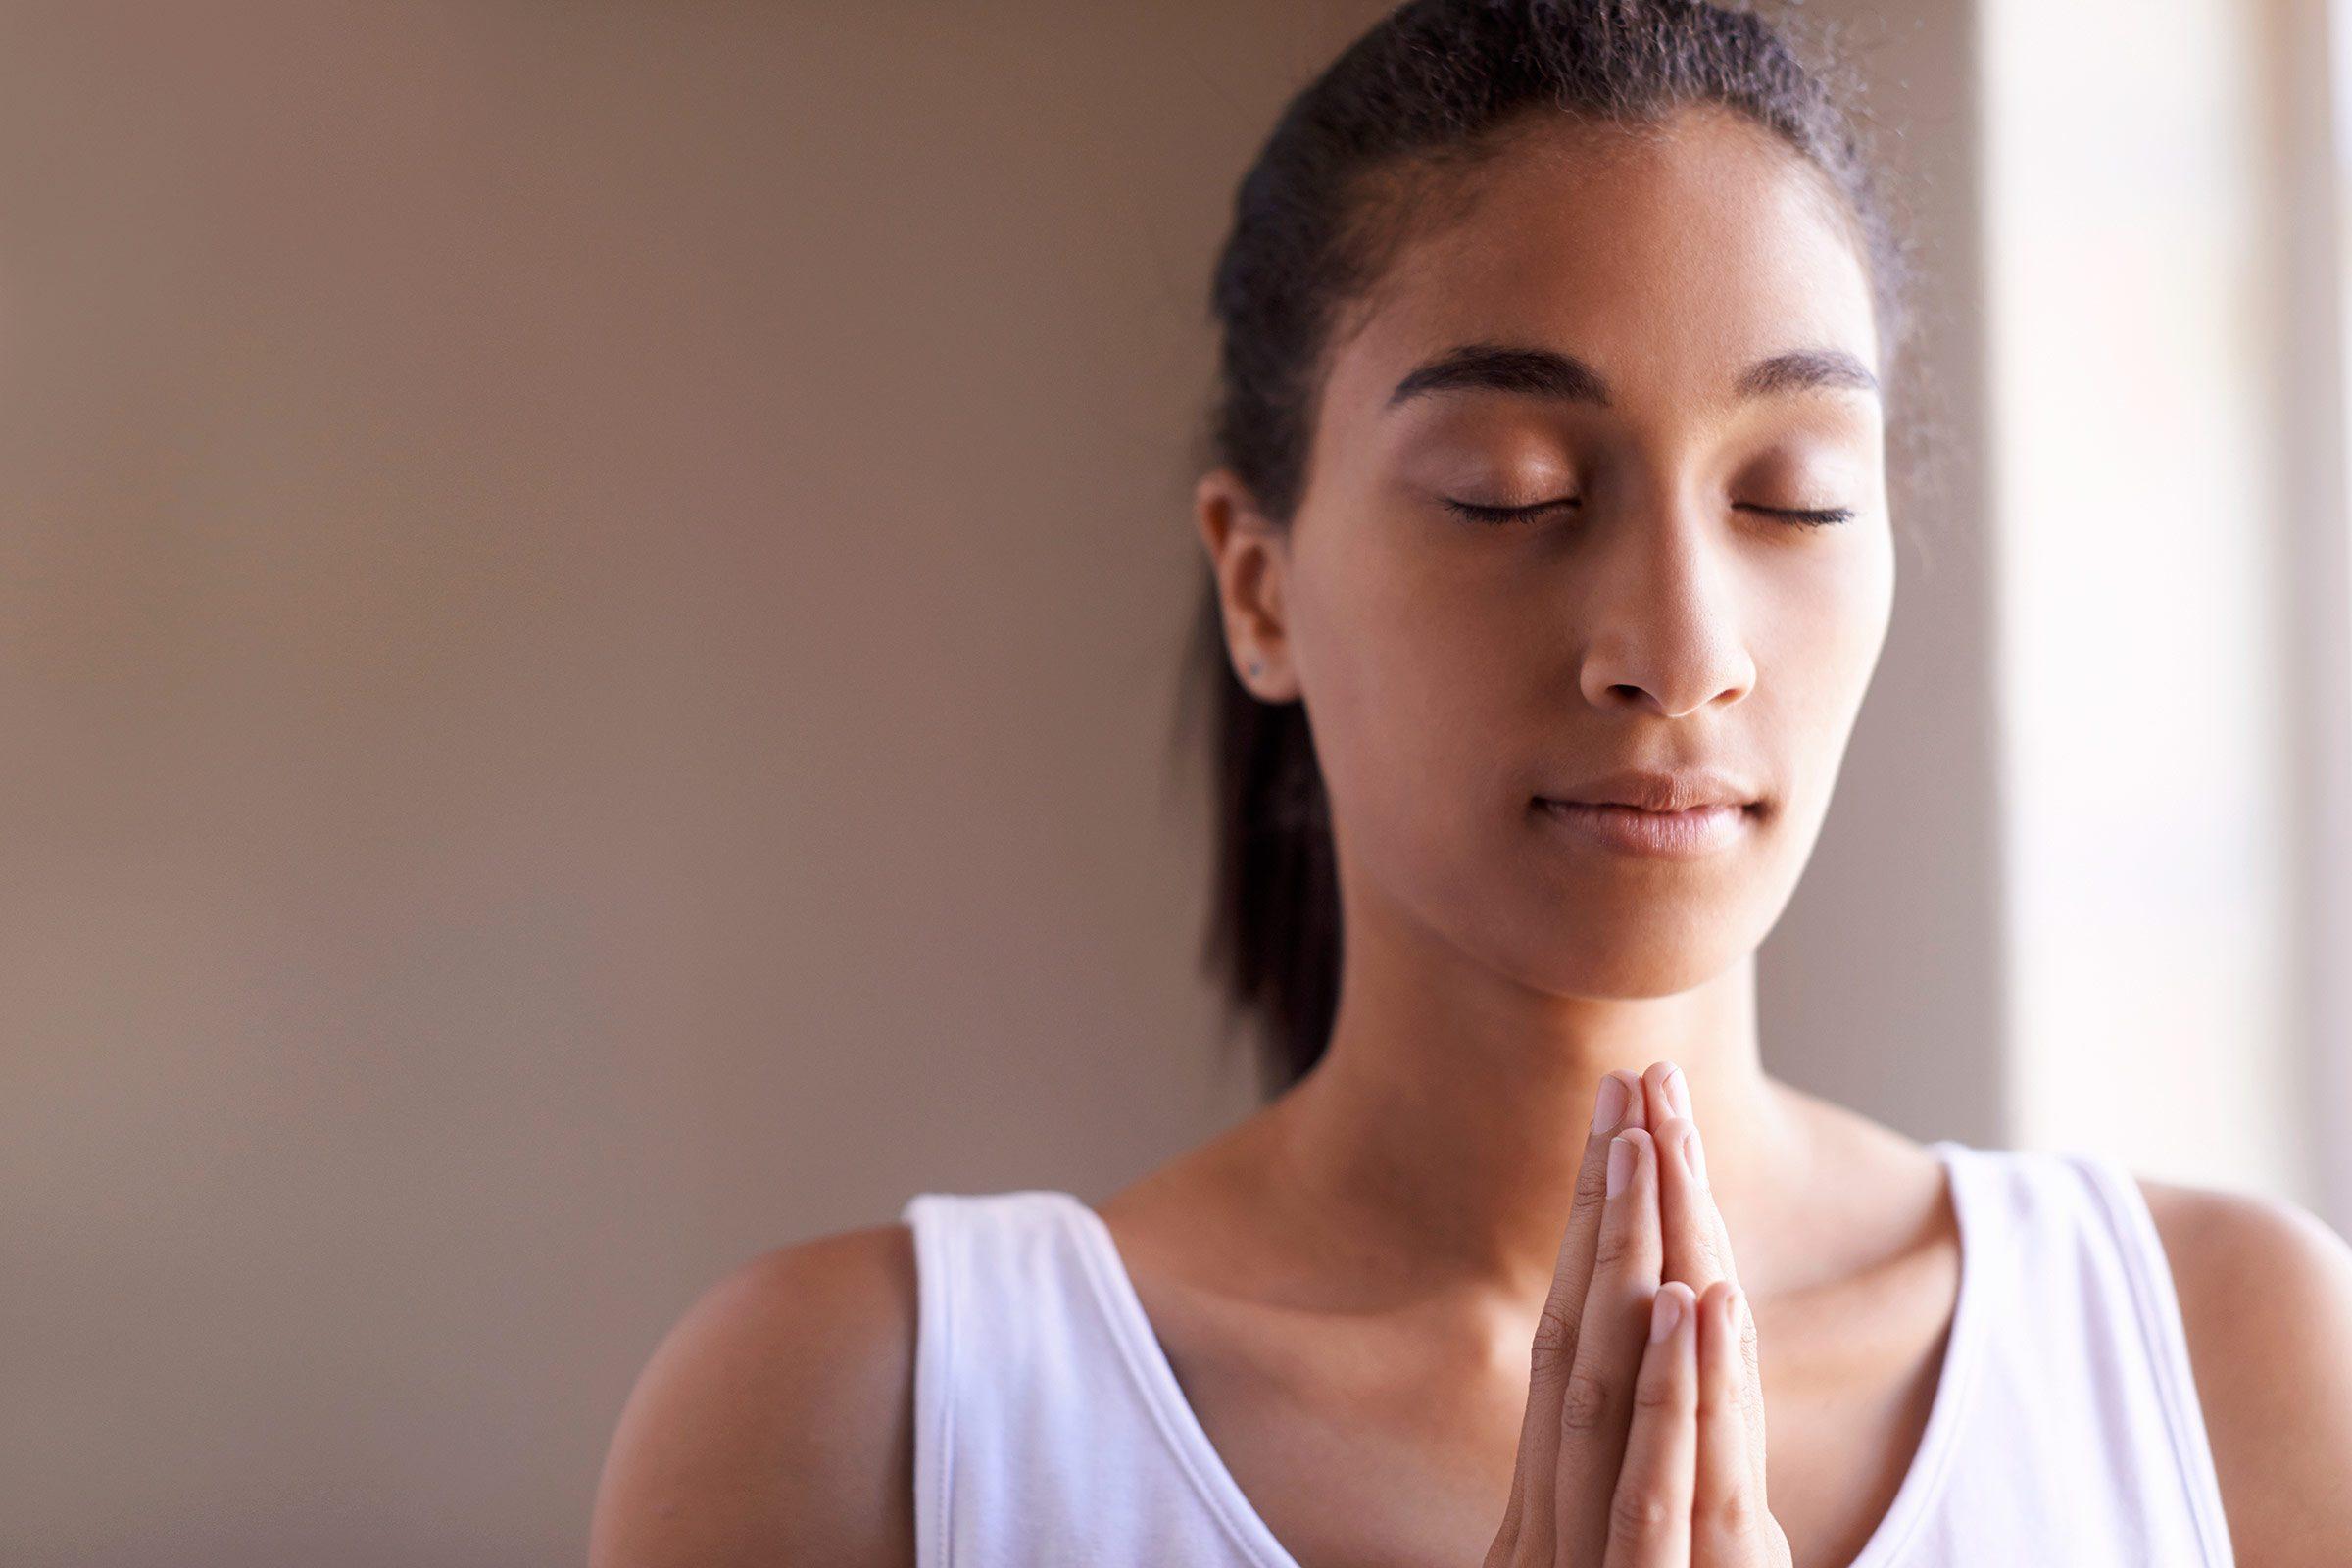 Meditation is groovy.